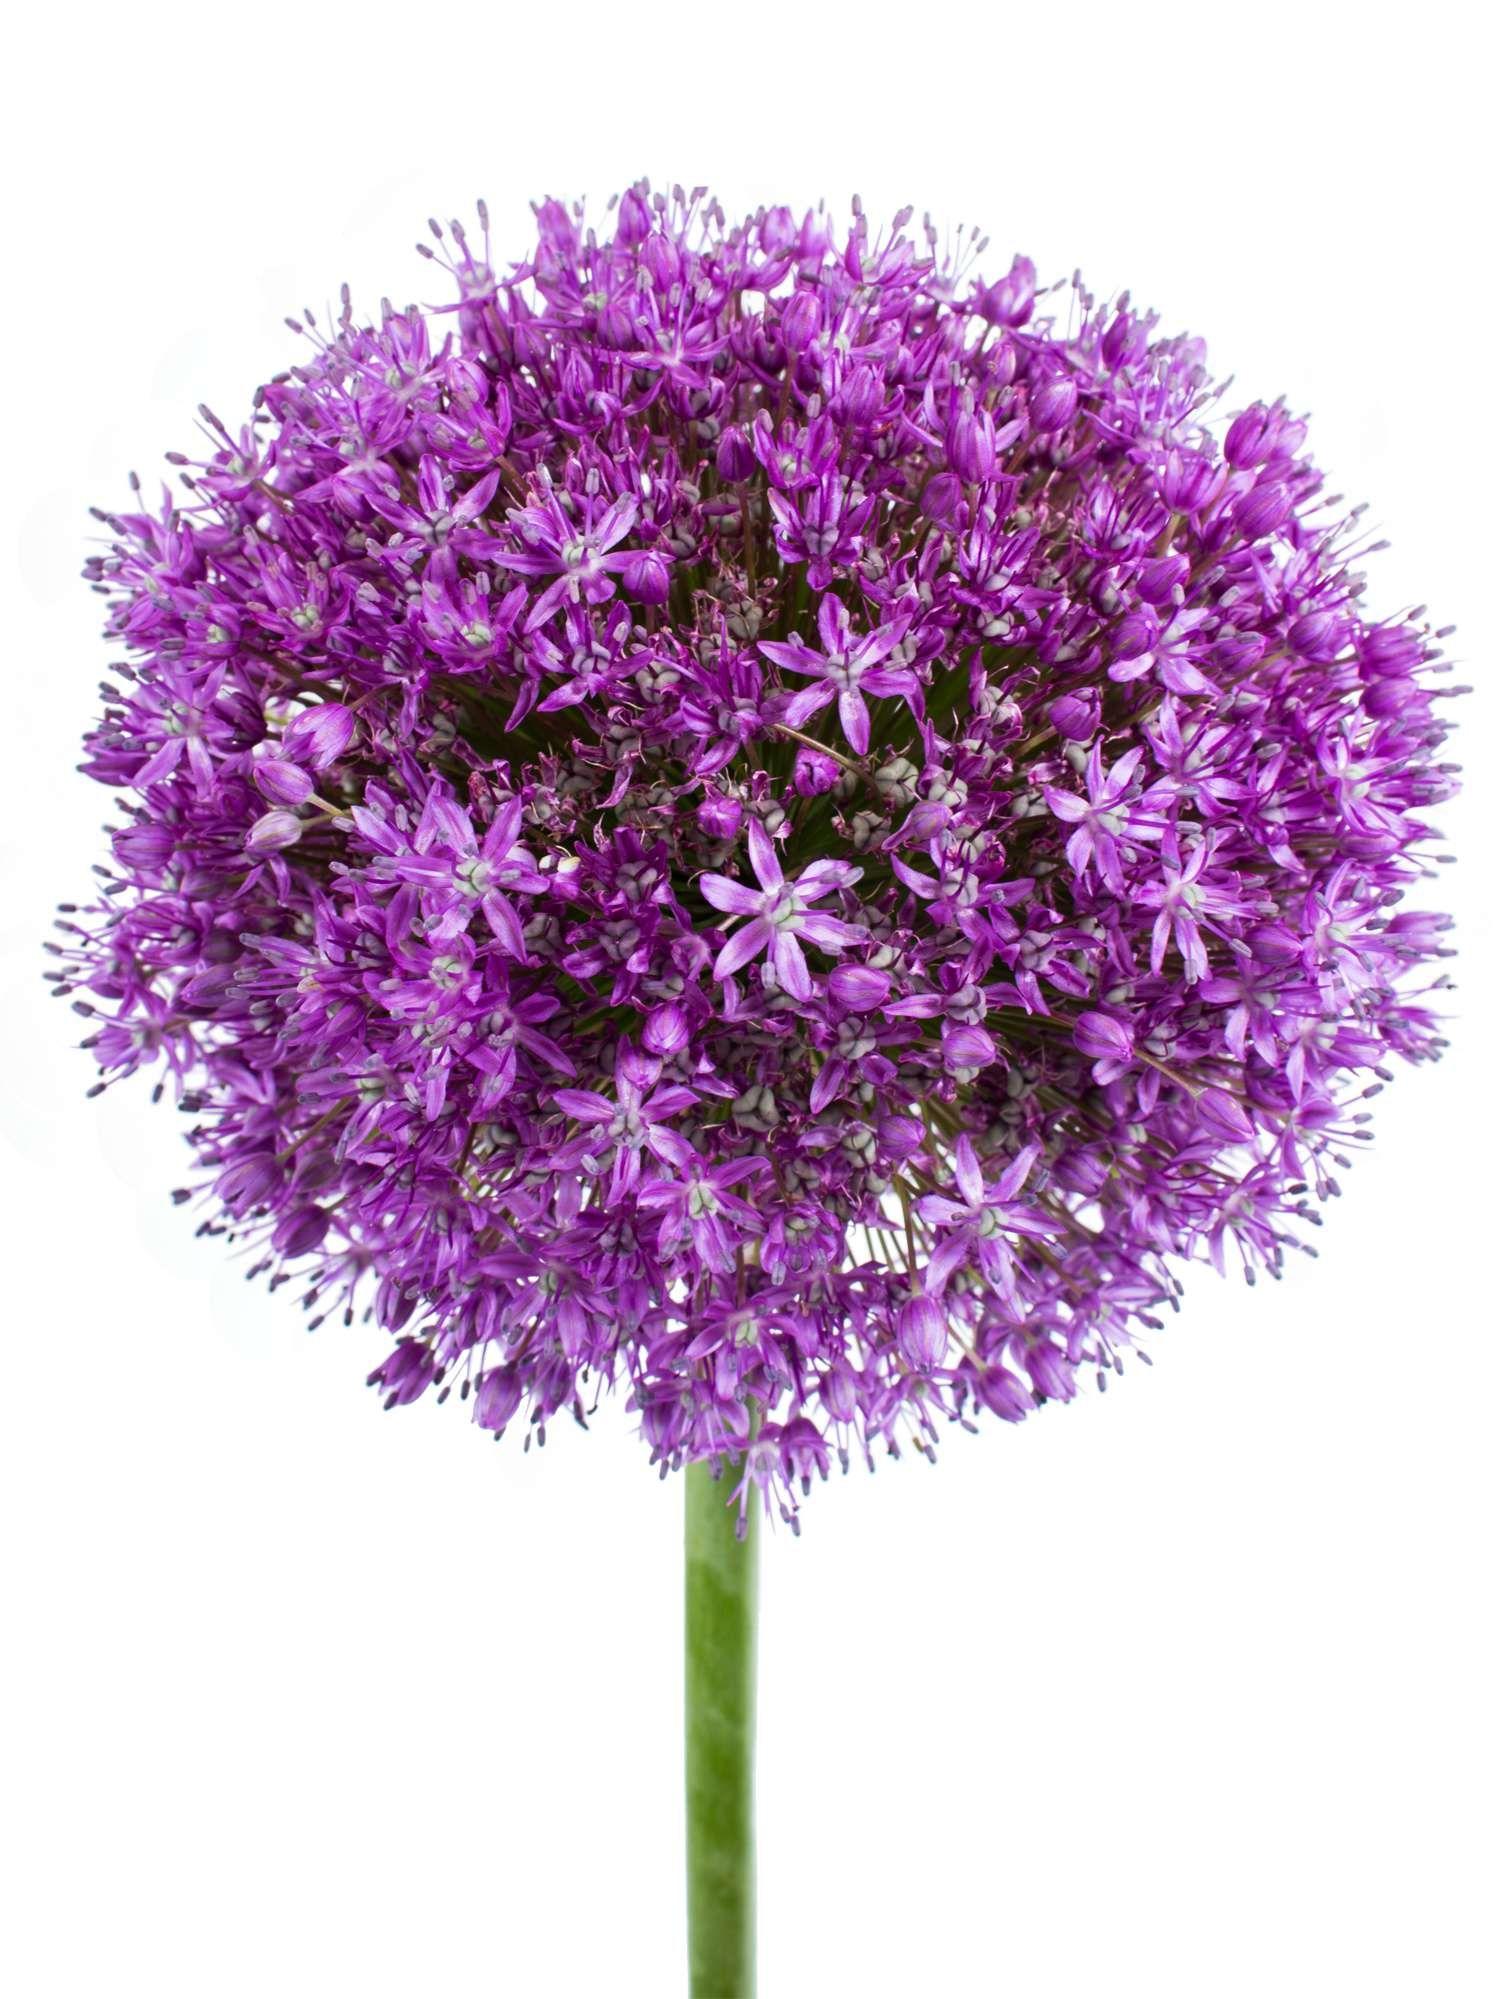 allium lila violett giganteum xxl zierlauch jetzt entdecken auf schnittblumen. Black Bedroom Furniture Sets. Home Design Ideas